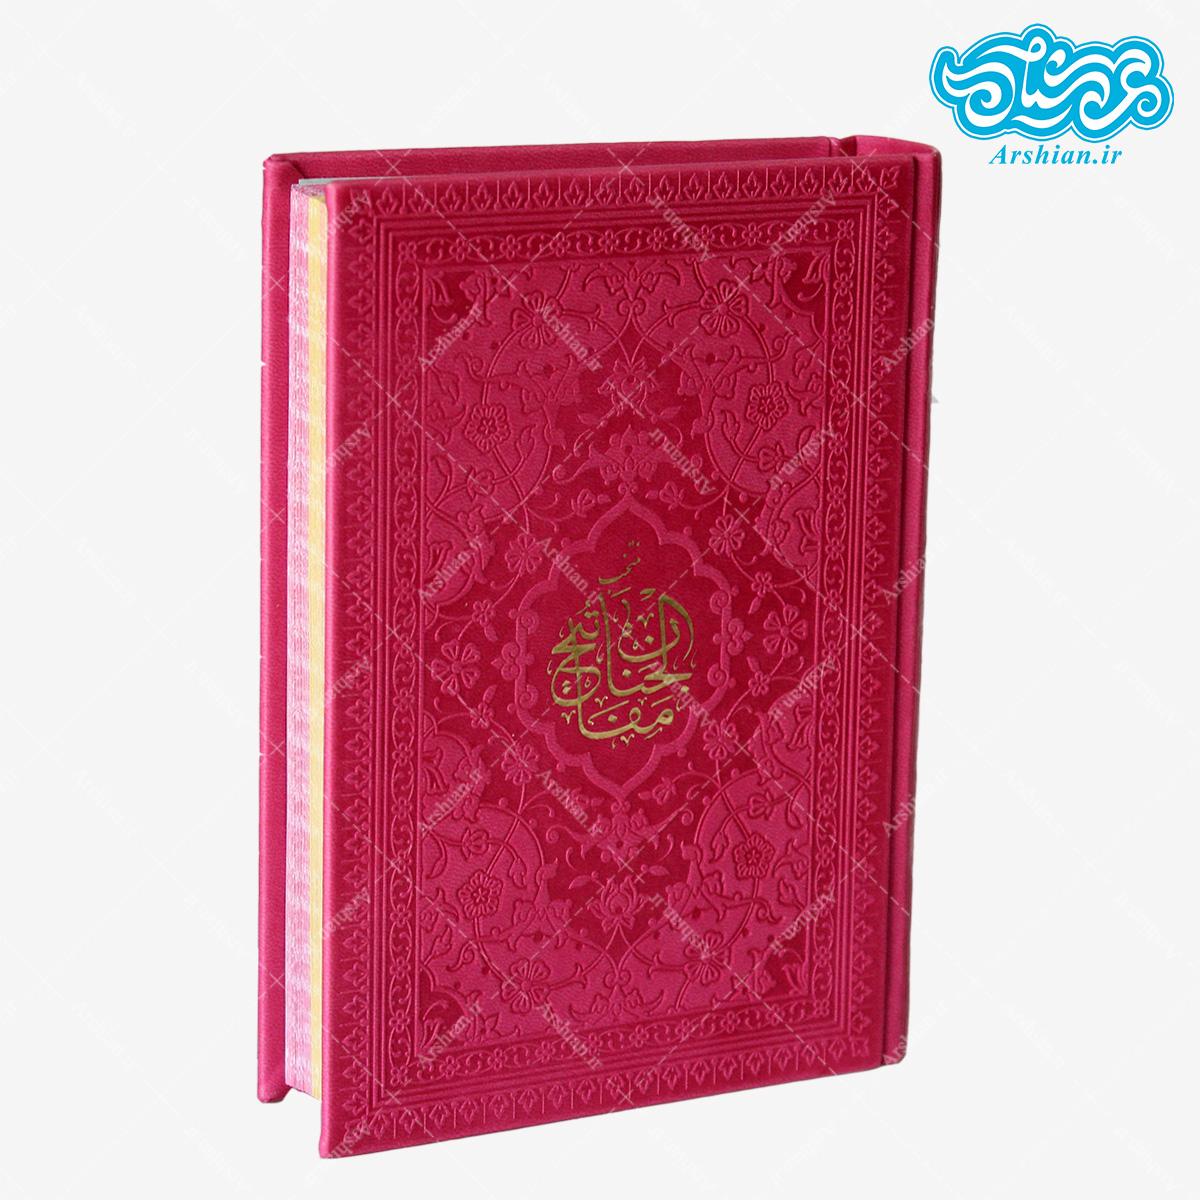 منتخب مفاتیح الجنان جیبی صفحه رنگی